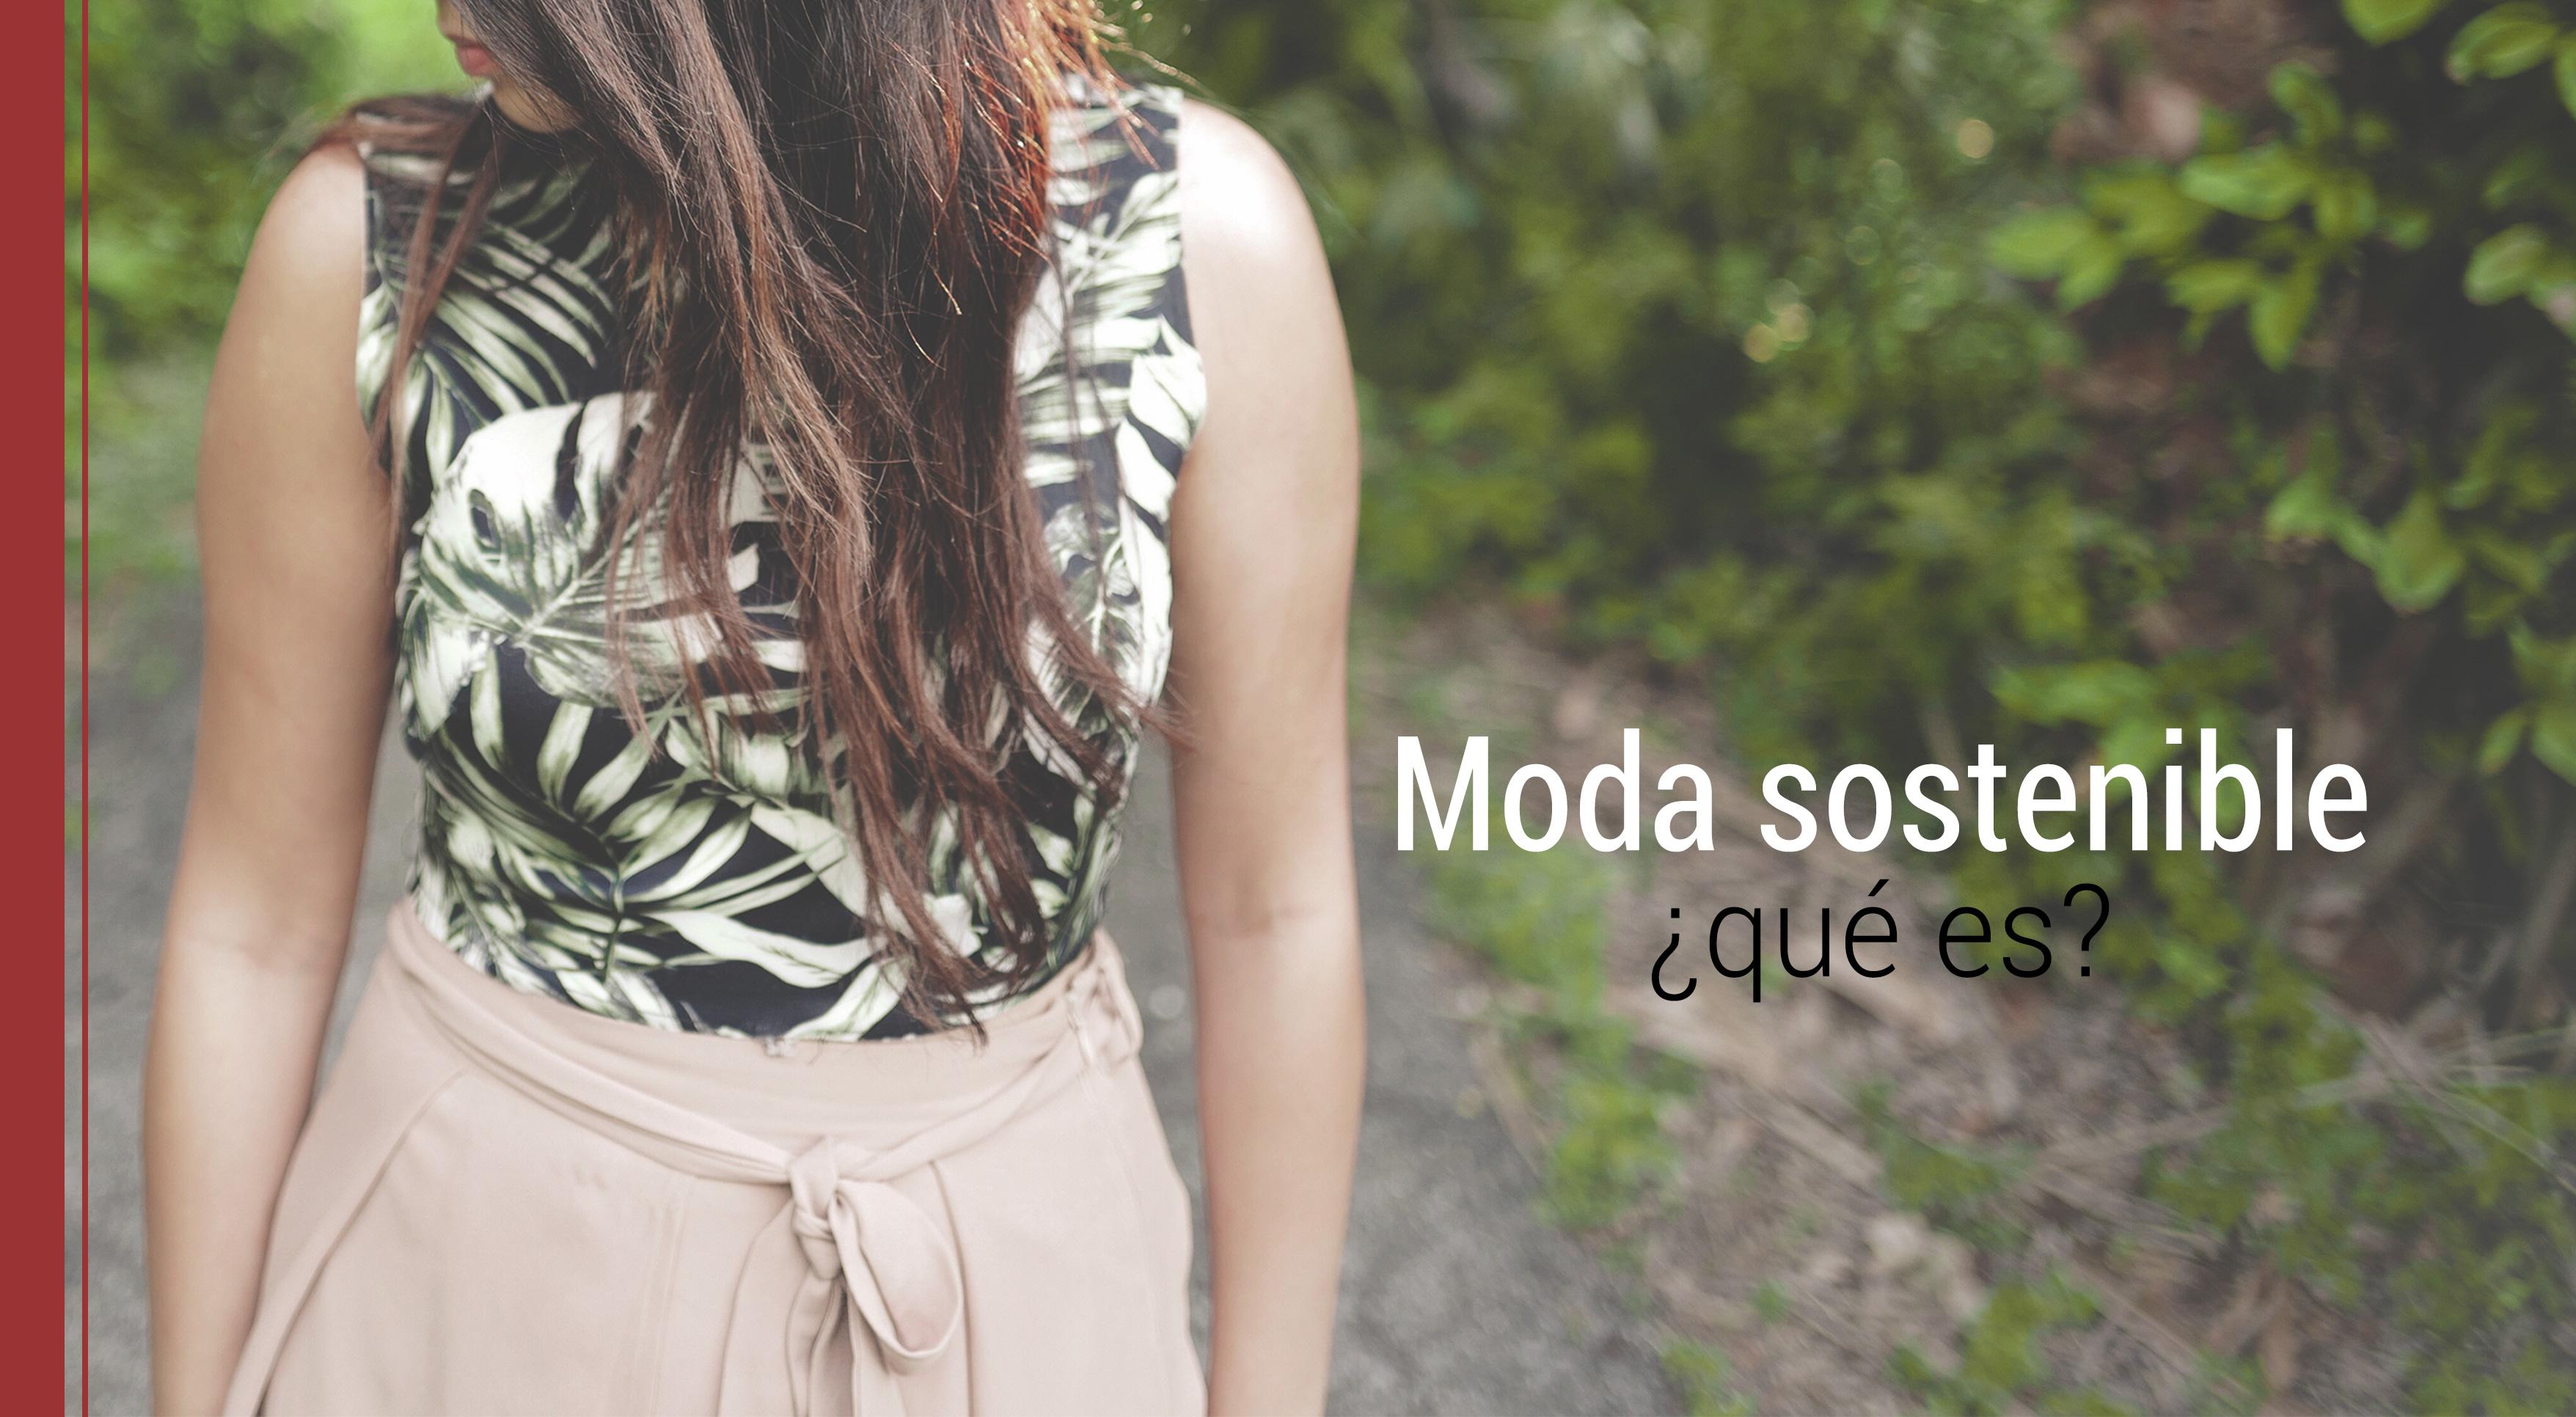 que-es-moda-sostenible Qué es la moda sostenible